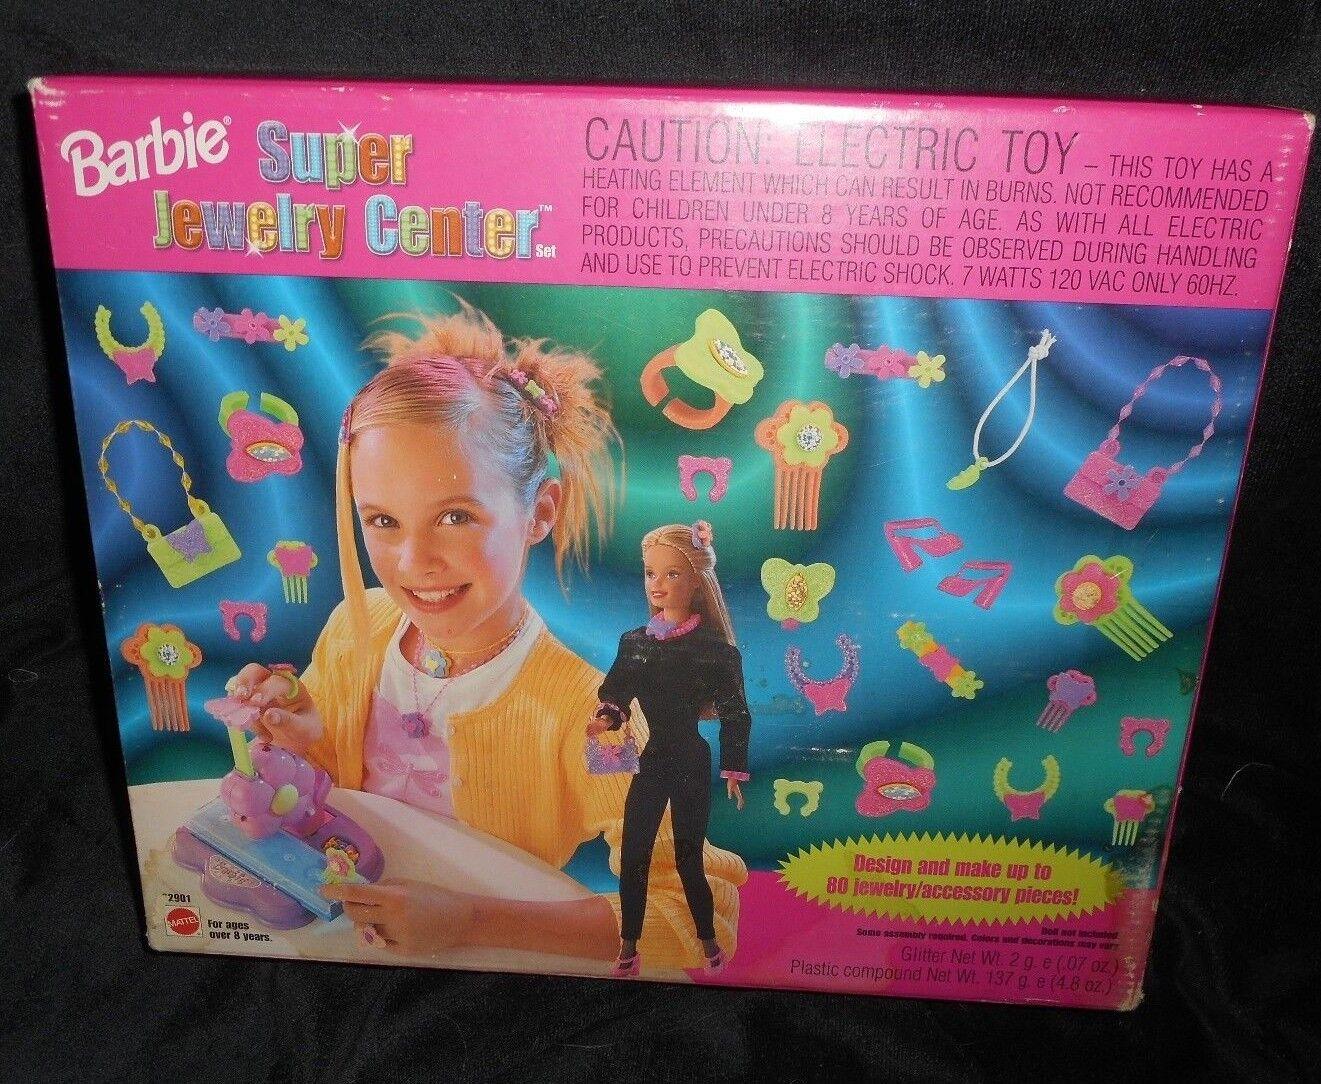 VINTAGE 1999 BARBIE SUPER JEWELRY CENTER 100% completare DESIGN  sautope PURSES 22901  offrendo il 100%